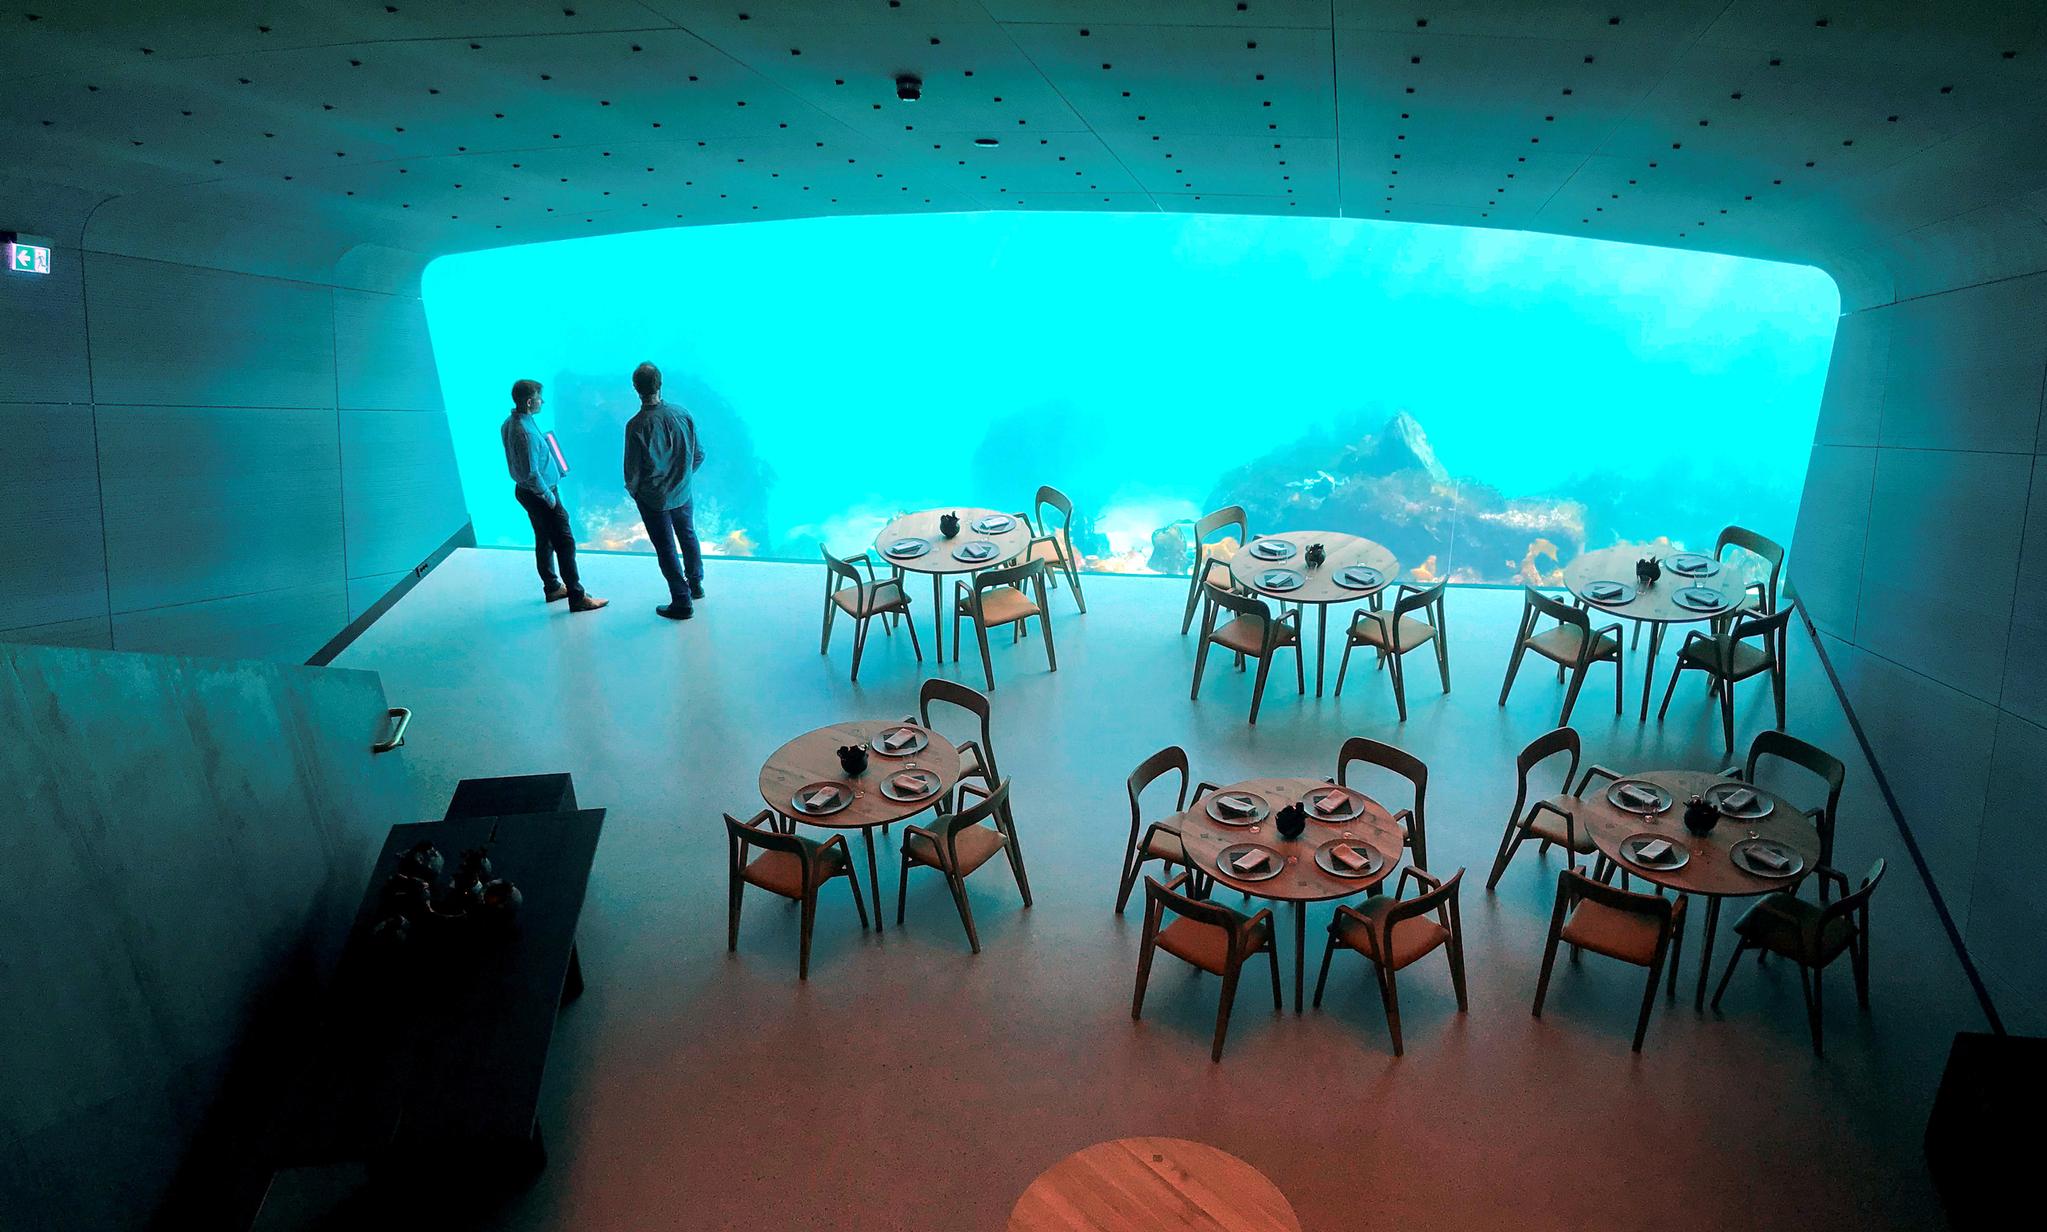 길이 11m의 창을 통해 북대서양의 바닷속을 볼 수 있는 언더의 내부공간. 19일 레스토랑 관계자들이 시설을 둘러보고 있다. [로이터=연합뉴스]